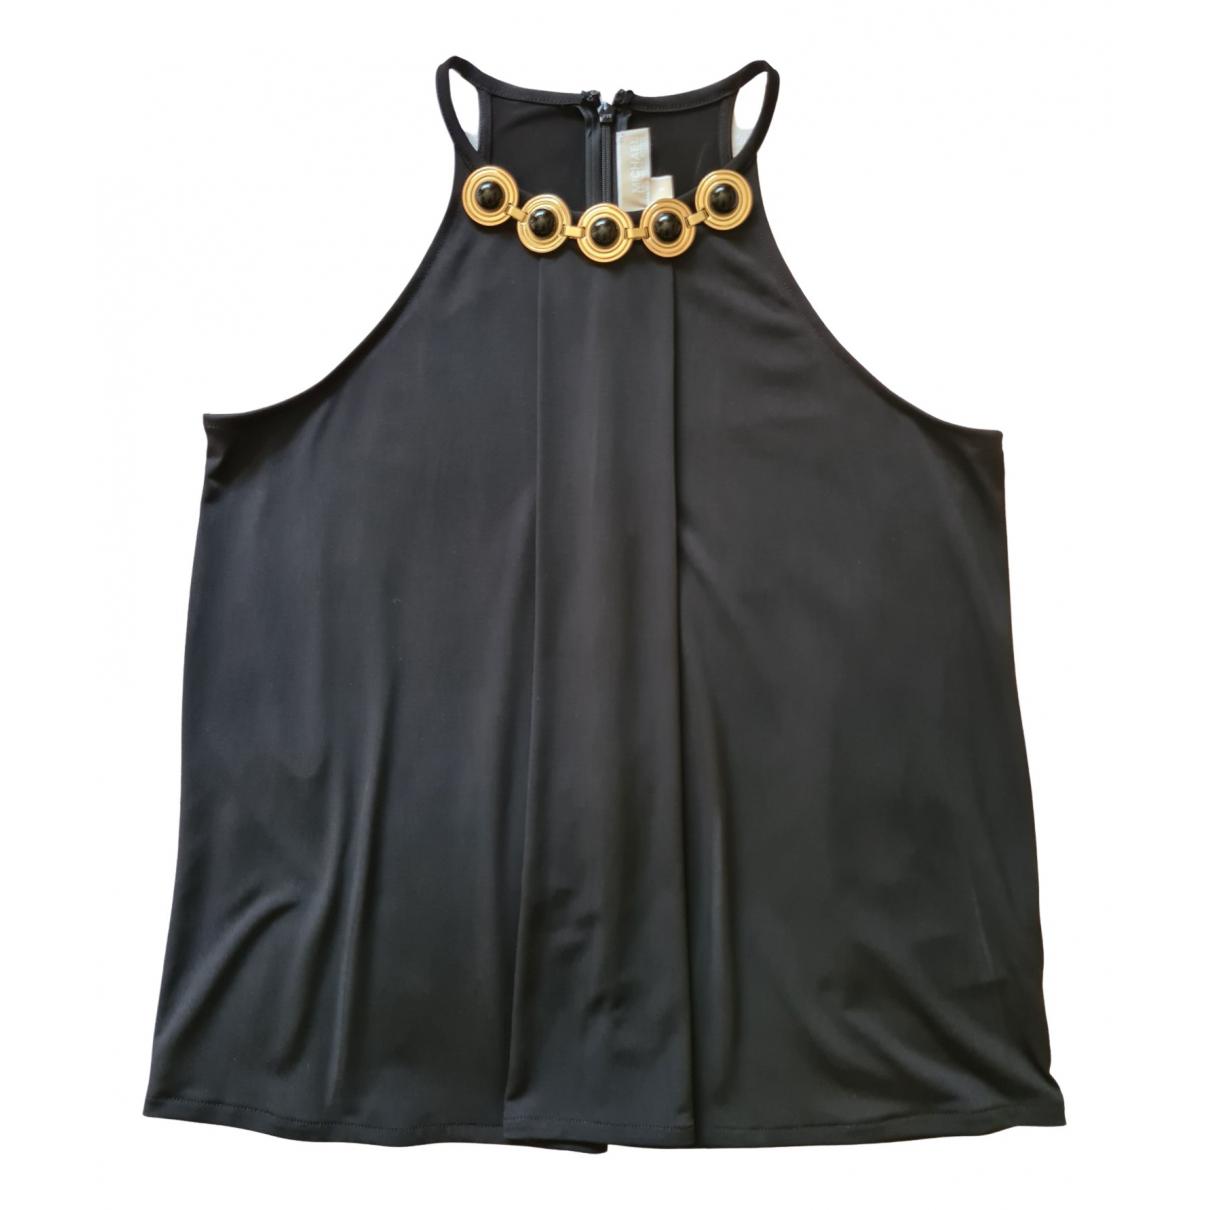 Michael Kors \N Black  top for Women S International